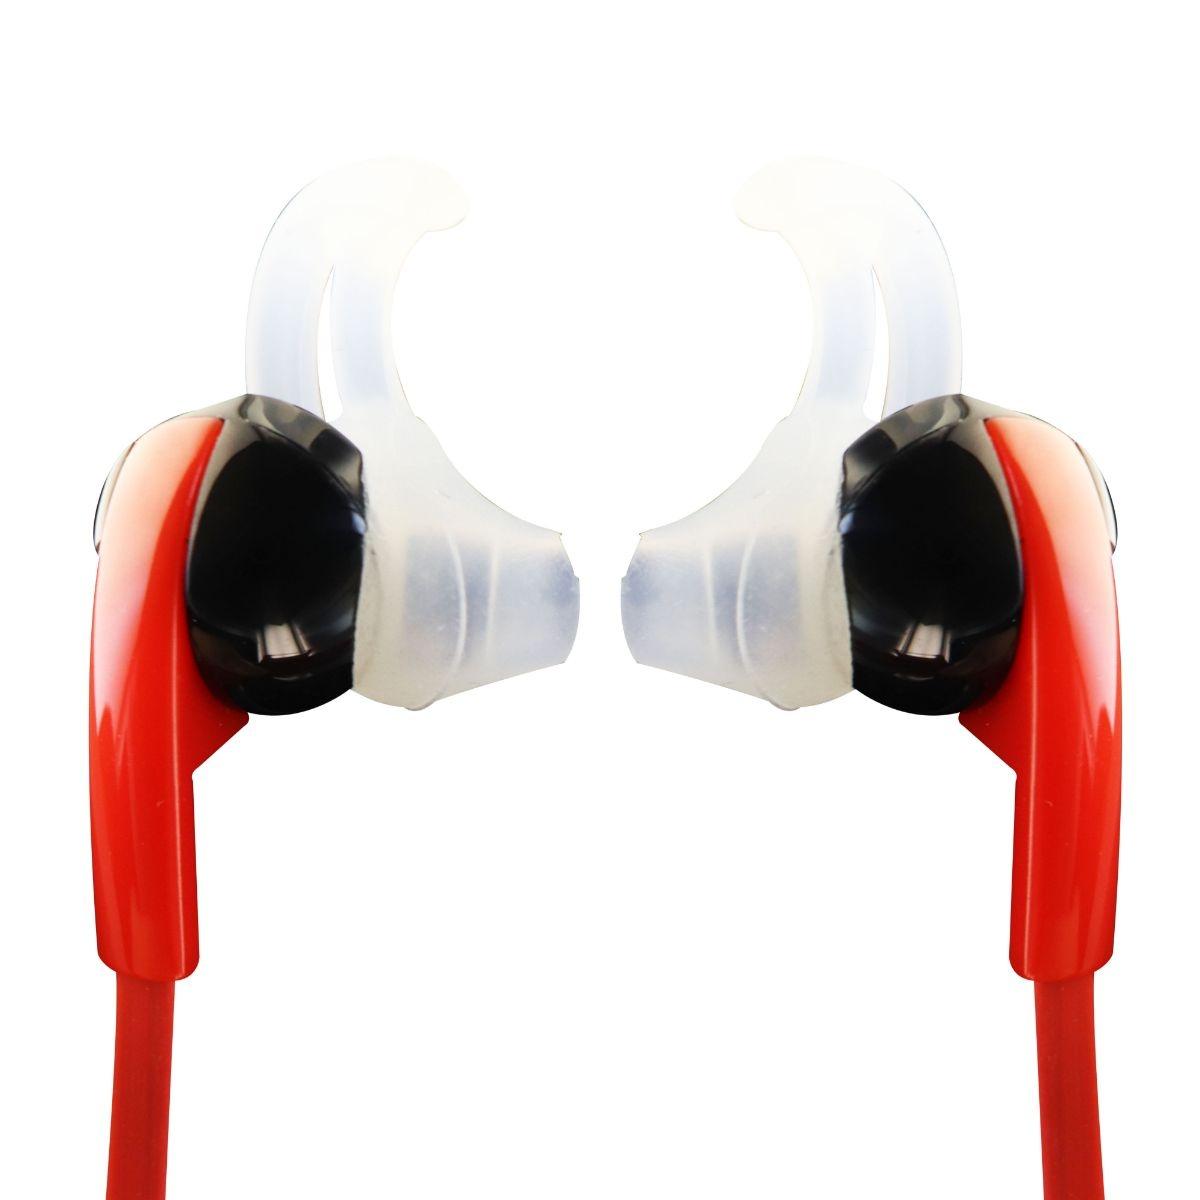 Simle Wireless Bluetooth In Ear Sport Earbuds - Red / Black